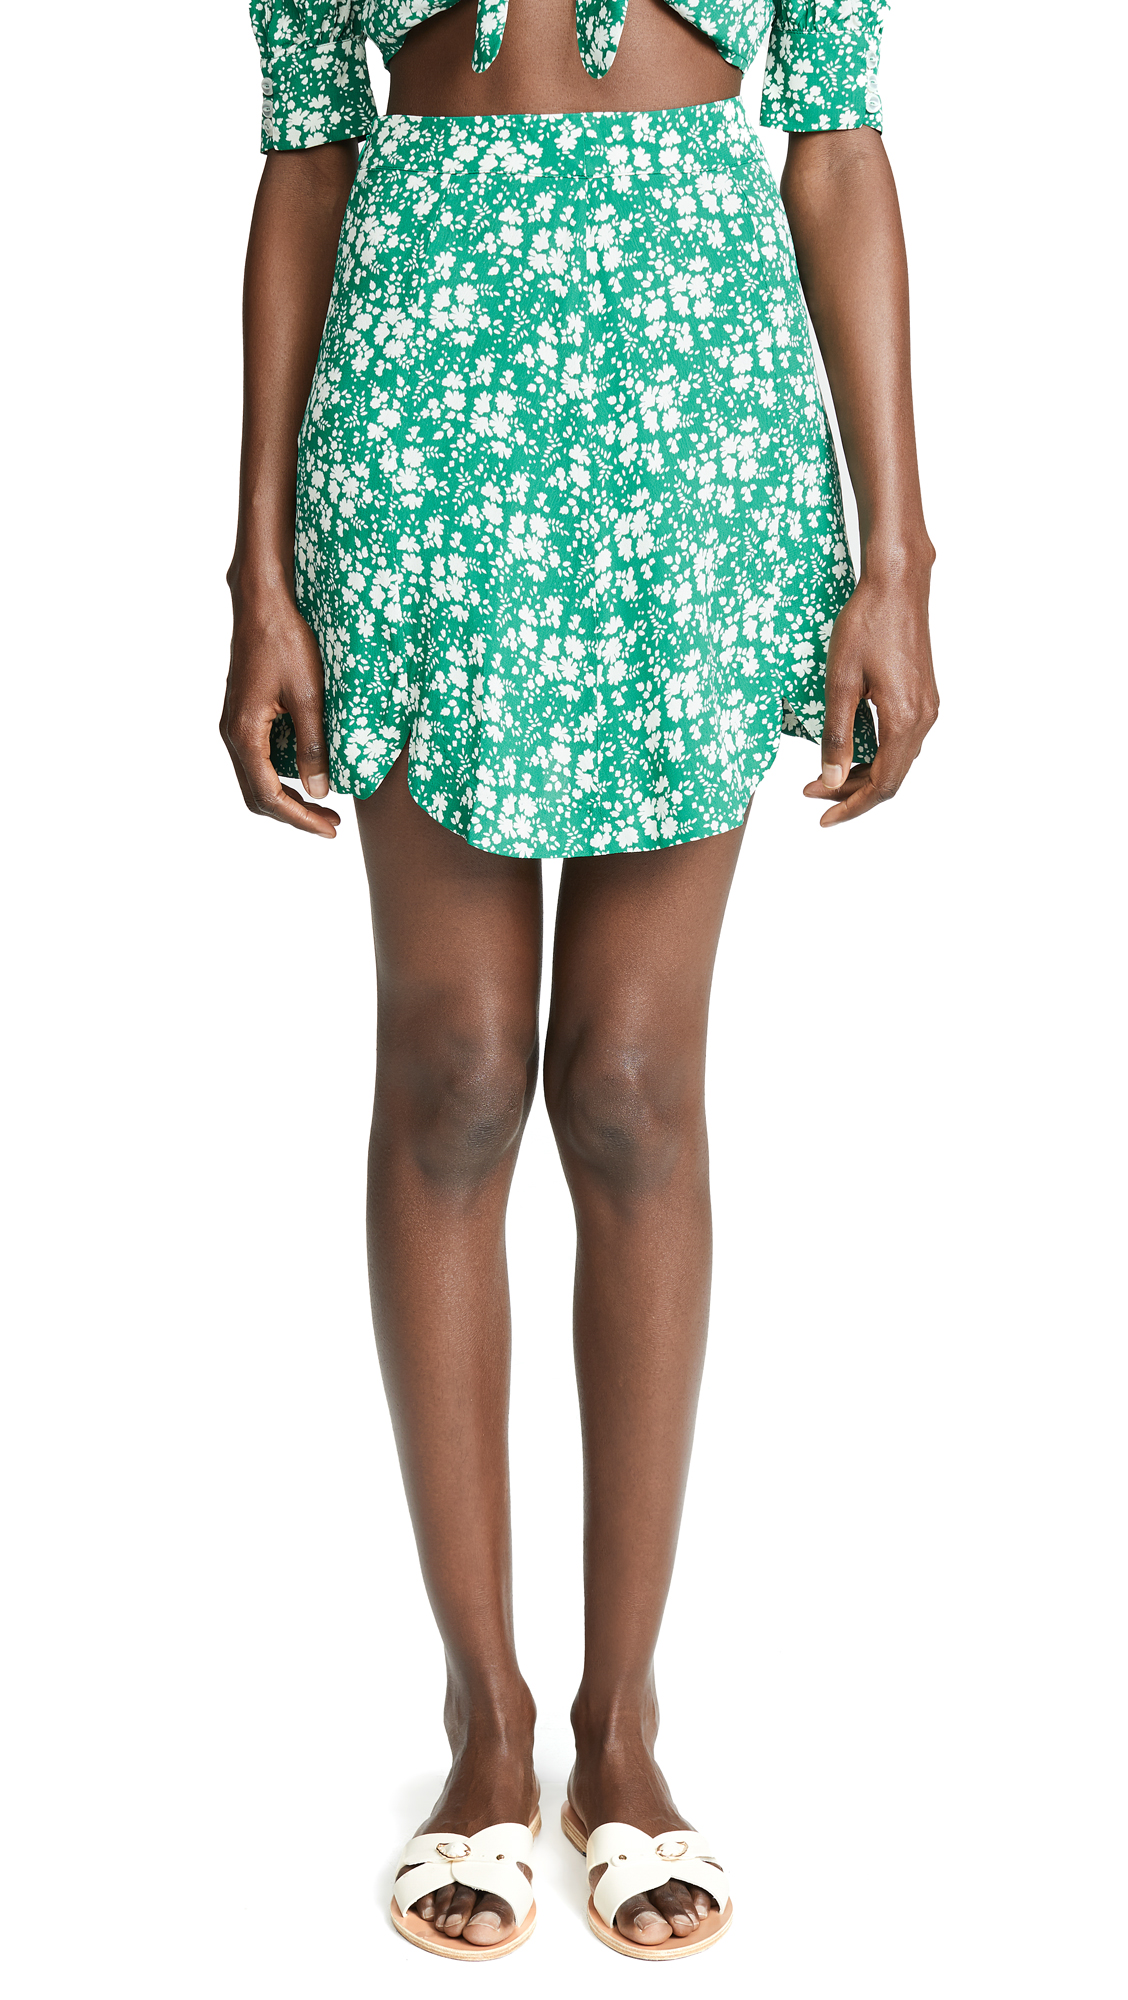 For Love & Lemons Zamira Floral Miniskirt In Kelly